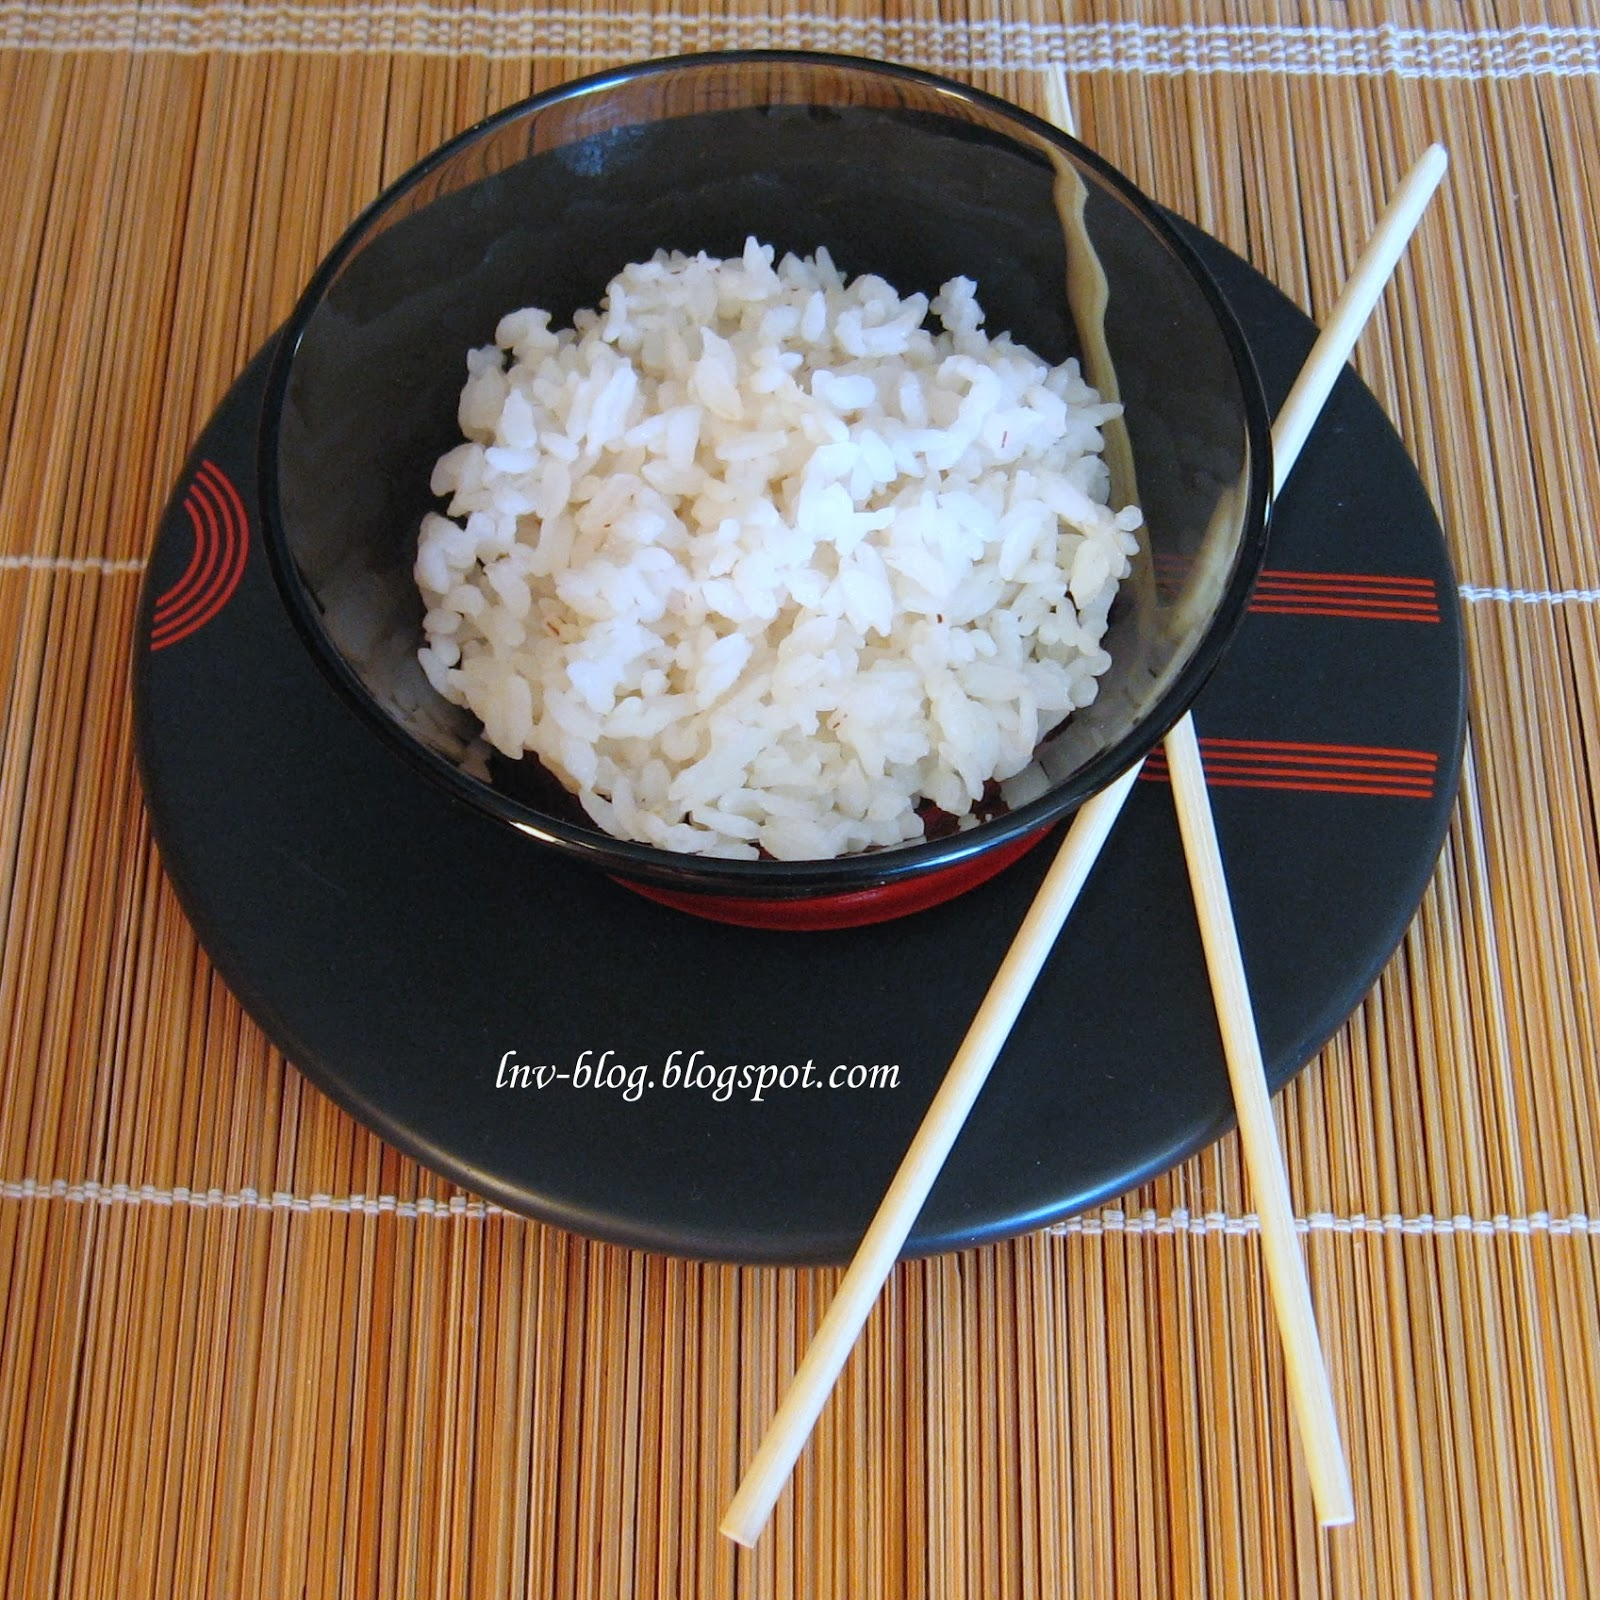 Рис Для Похудения Замачивать. Почему замоченный рис полезнее для похудения и как правильно его приготовить?